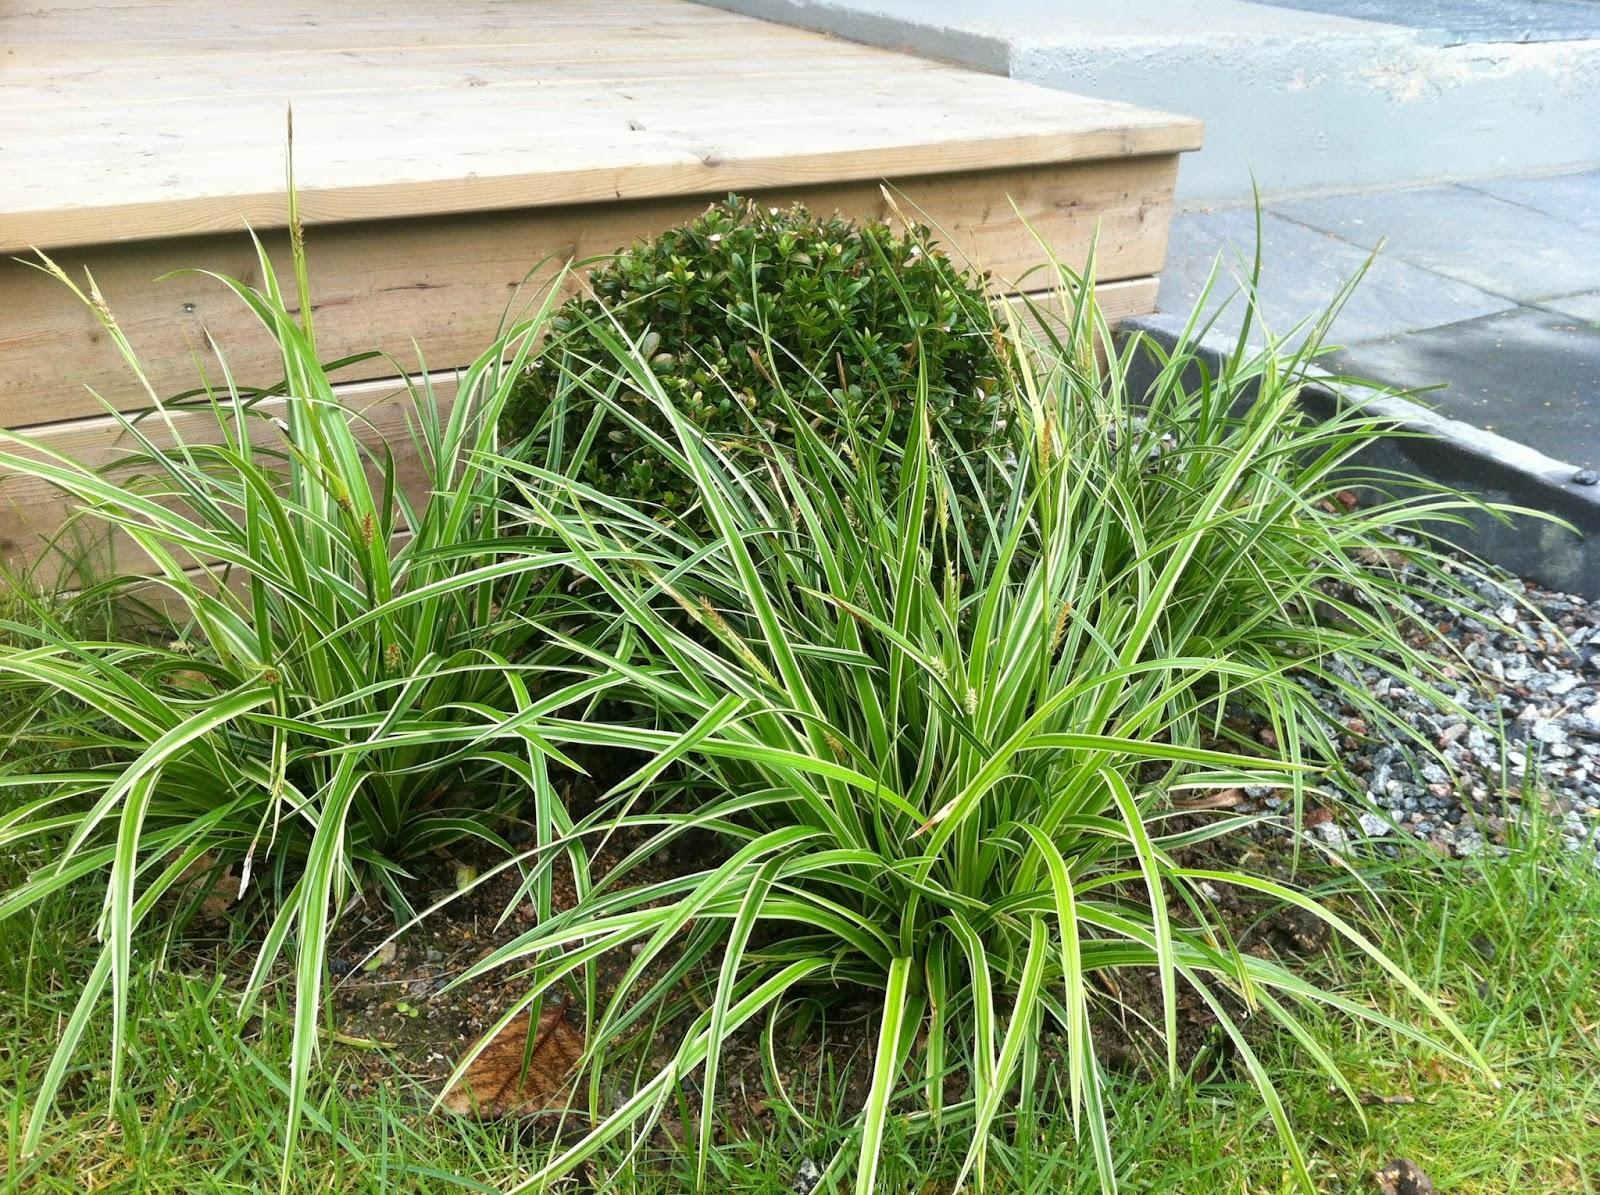 Njut i din trädgård: Gratis är gott!